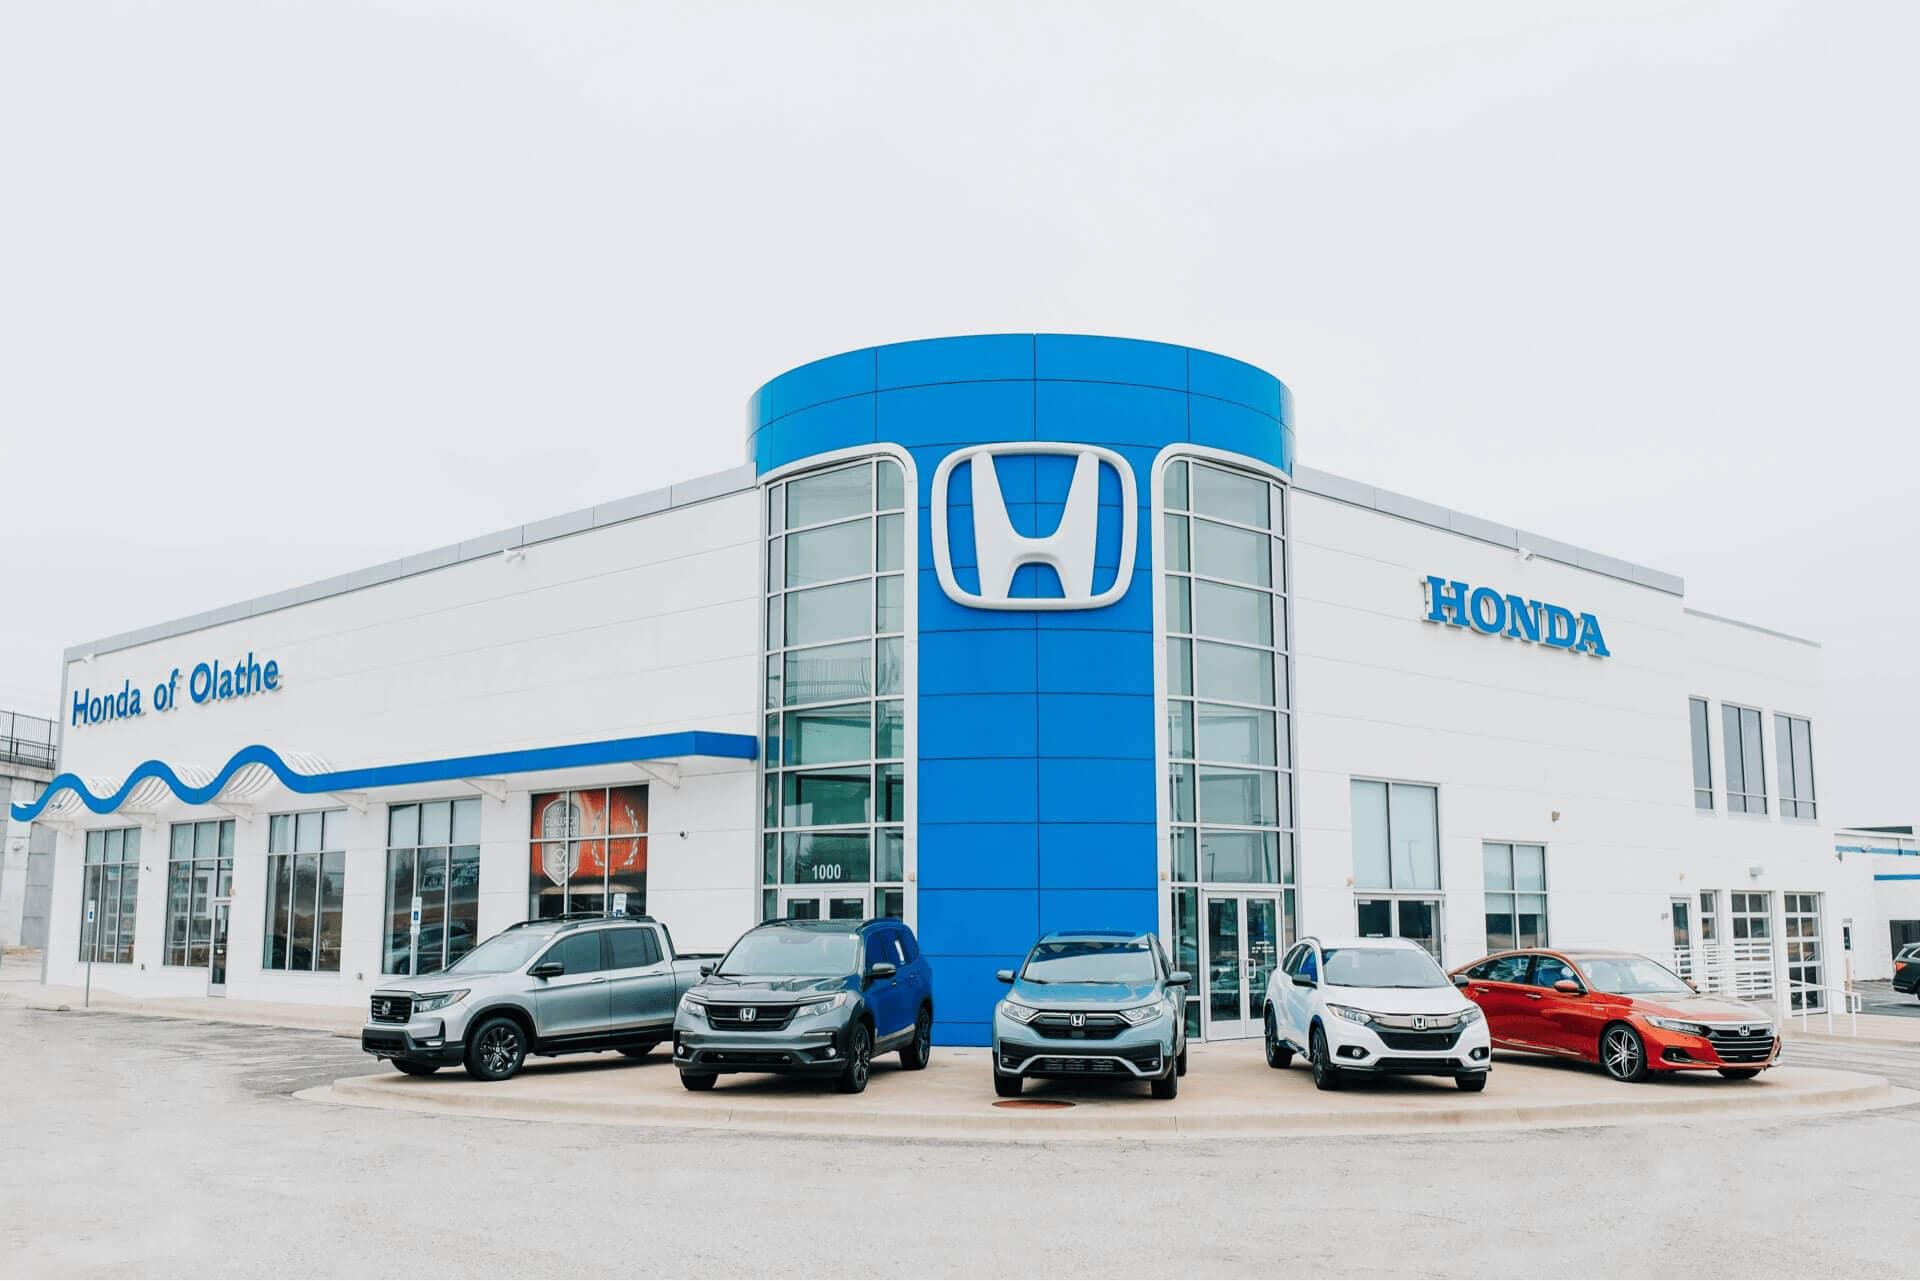 HondaOfOlathe new Seo